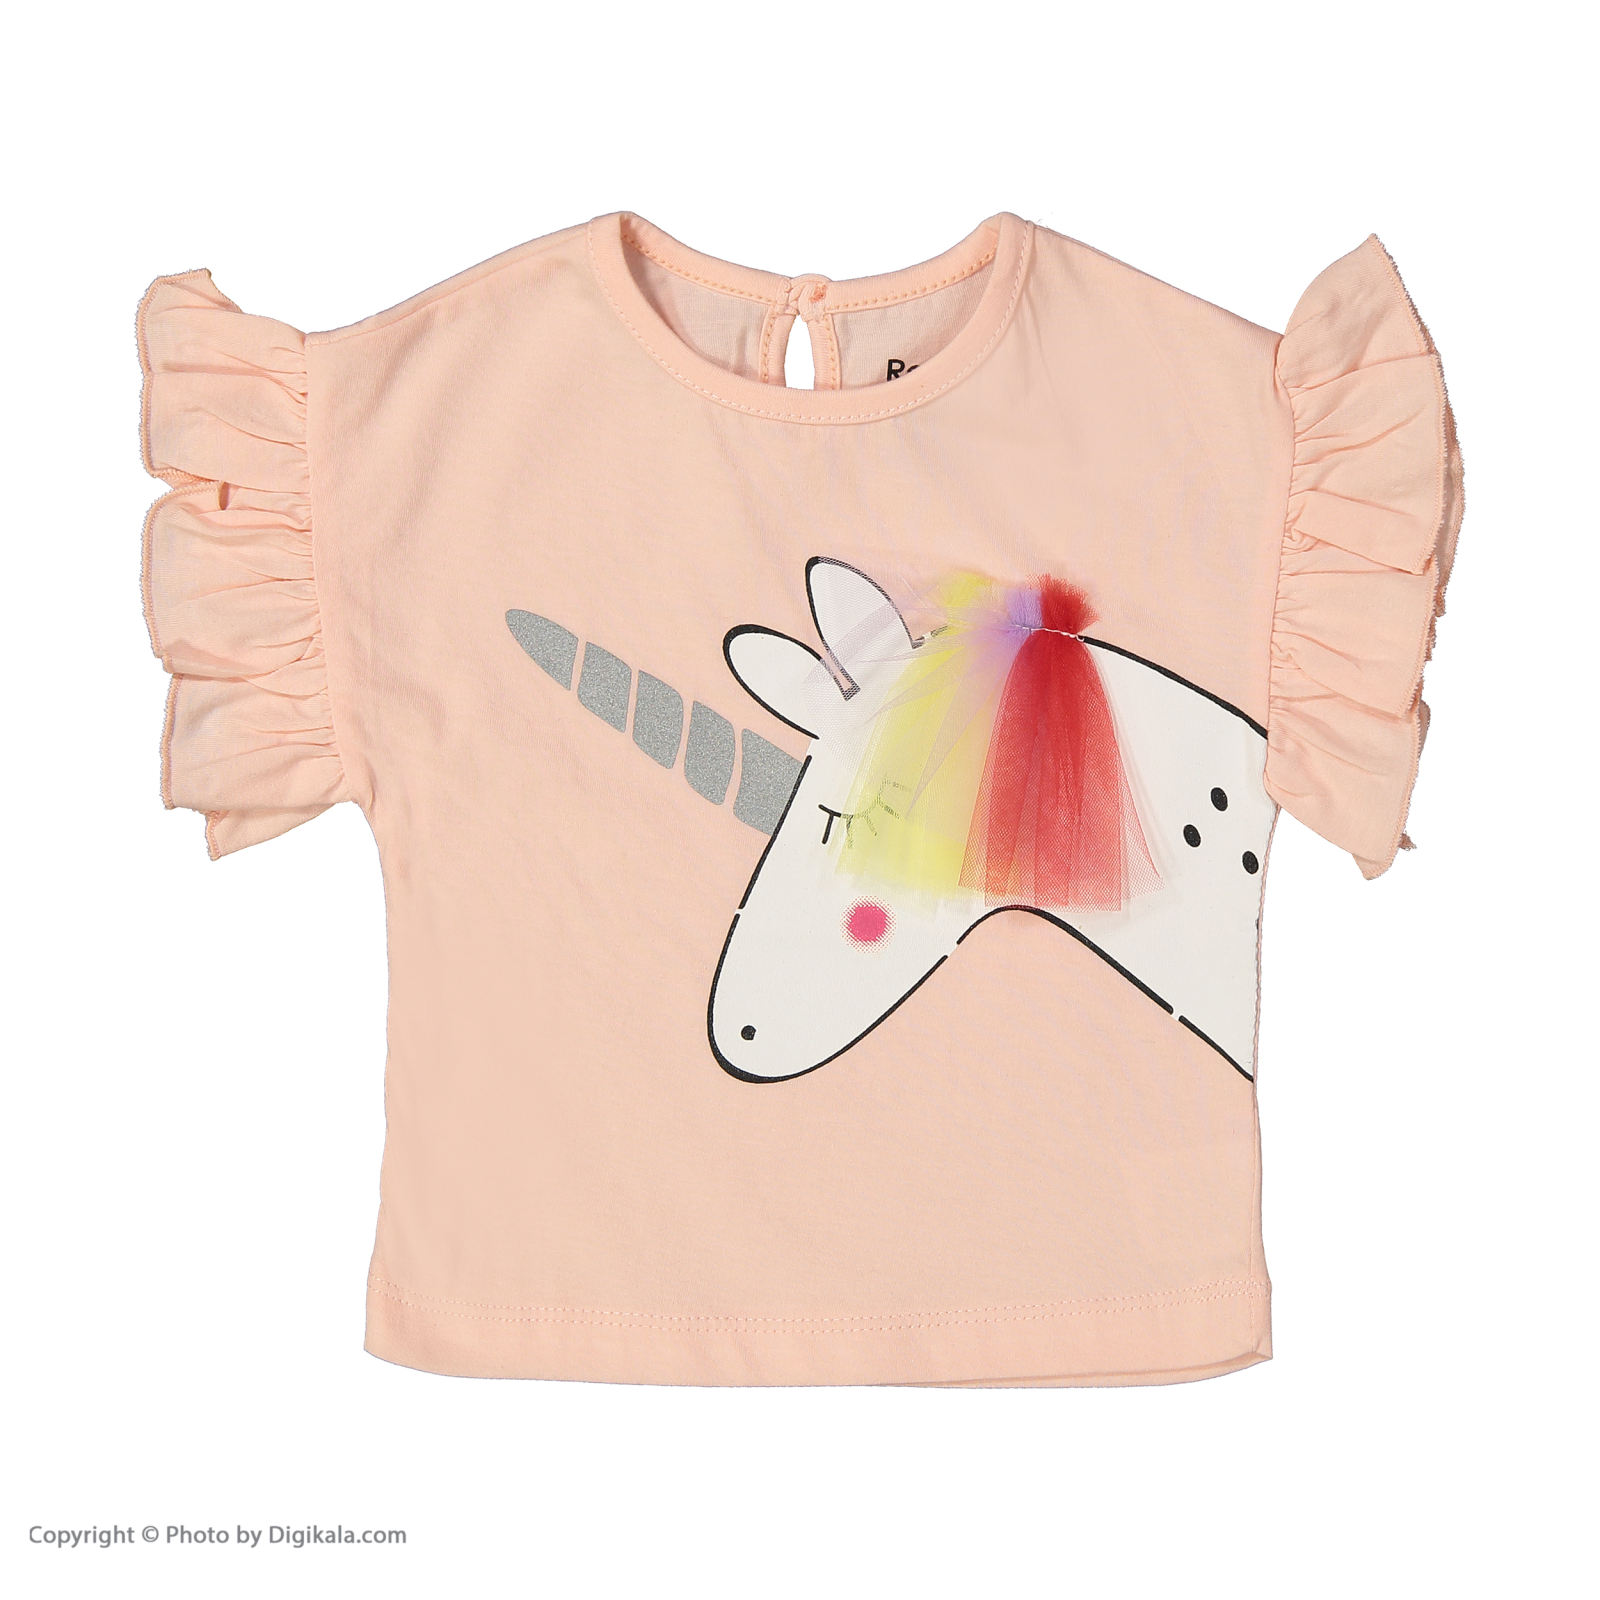 ست تی شرت و شلوار دخترانه رابو مدل 2051127-81 -  - 2